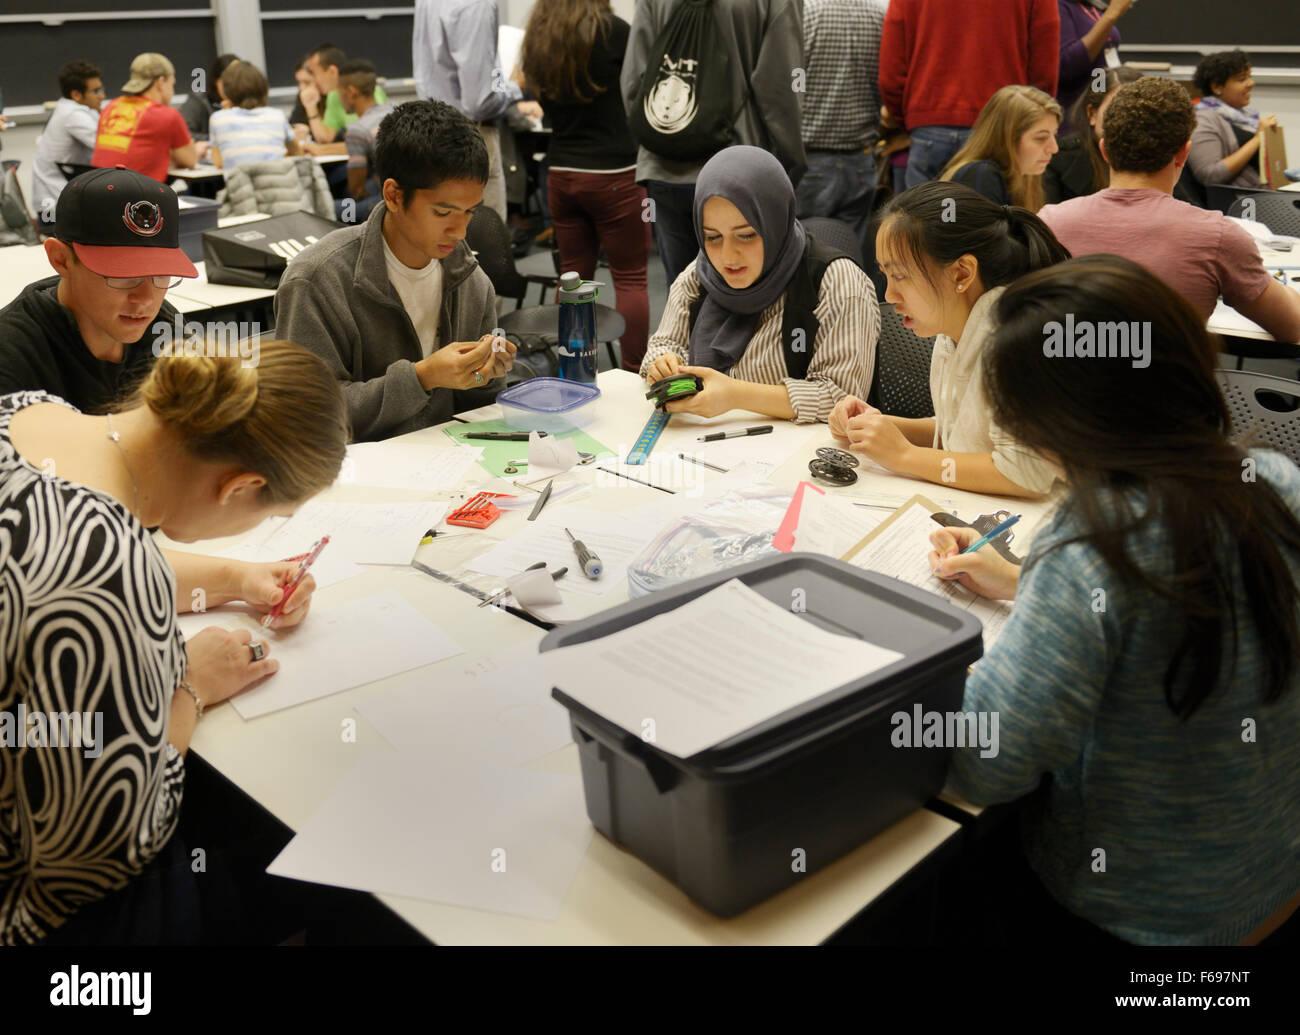 Classe, classe de génie électrique avec la diversité ethnique et sexuelle - groupe d'étudiants Photo Stock